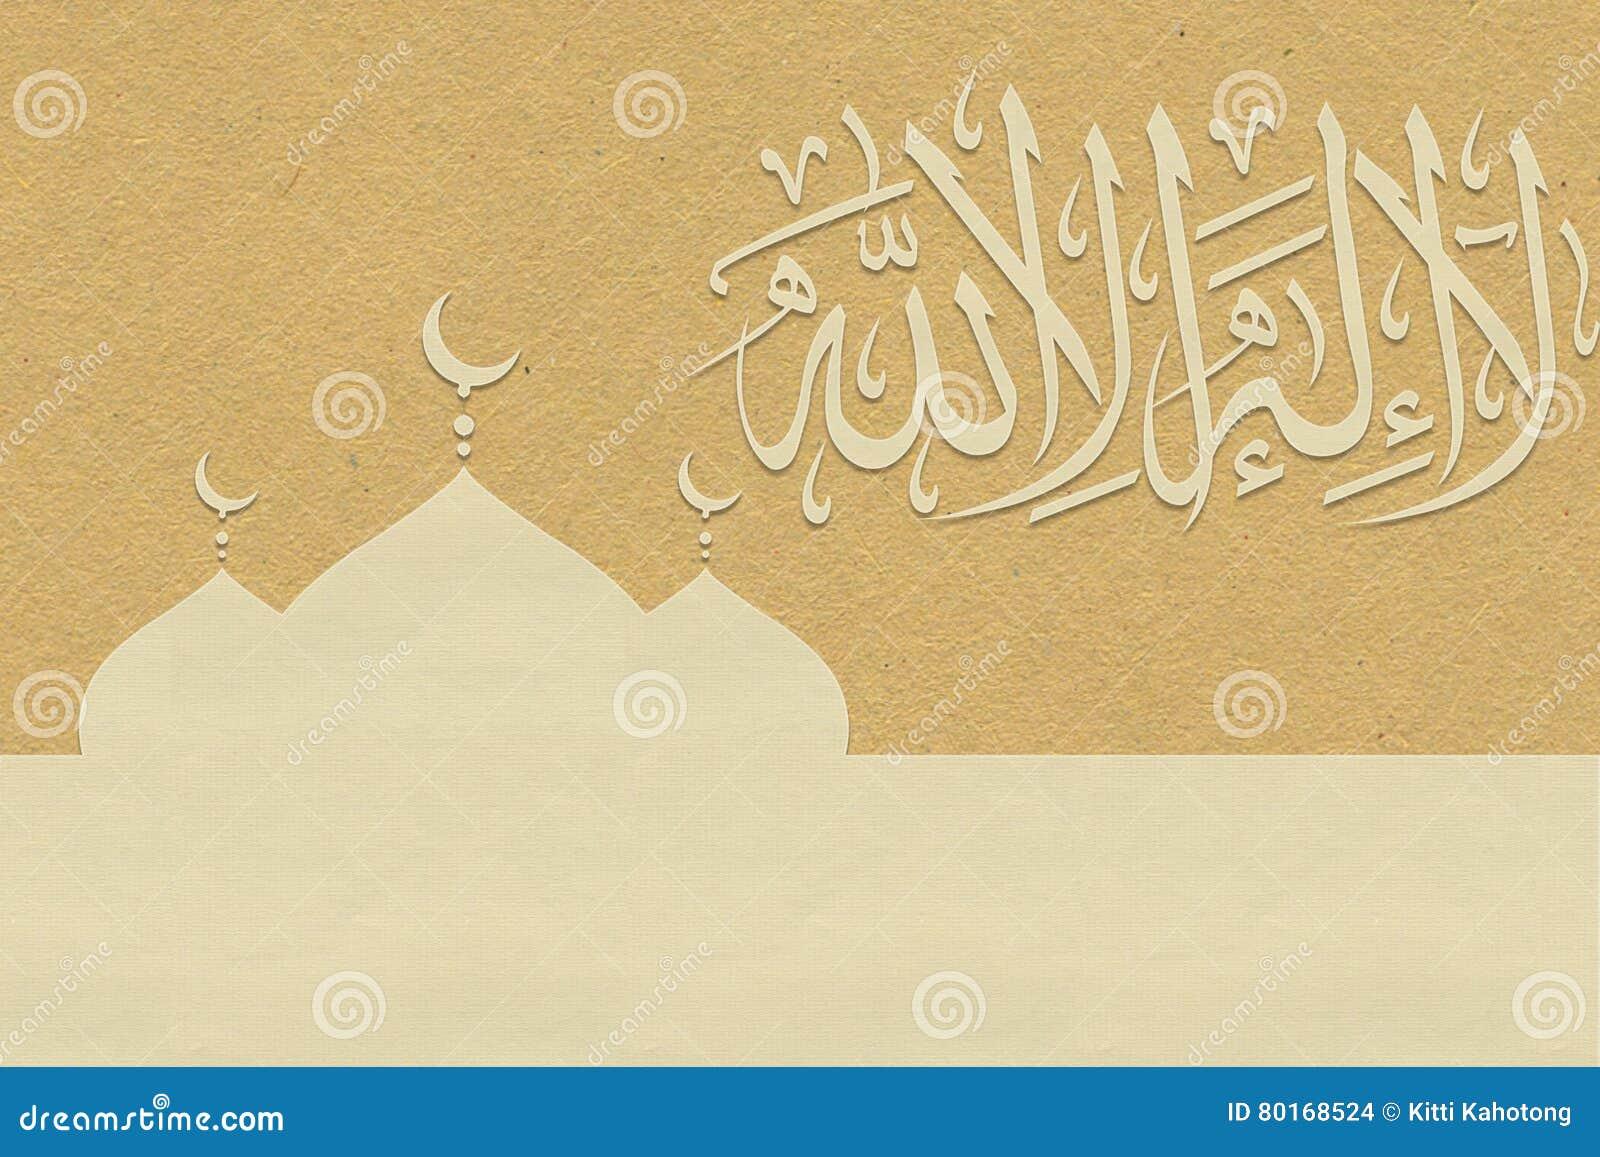 Lailahaillallah islâmico do termo, igualmente chamado shahada, seu um credo islâmico